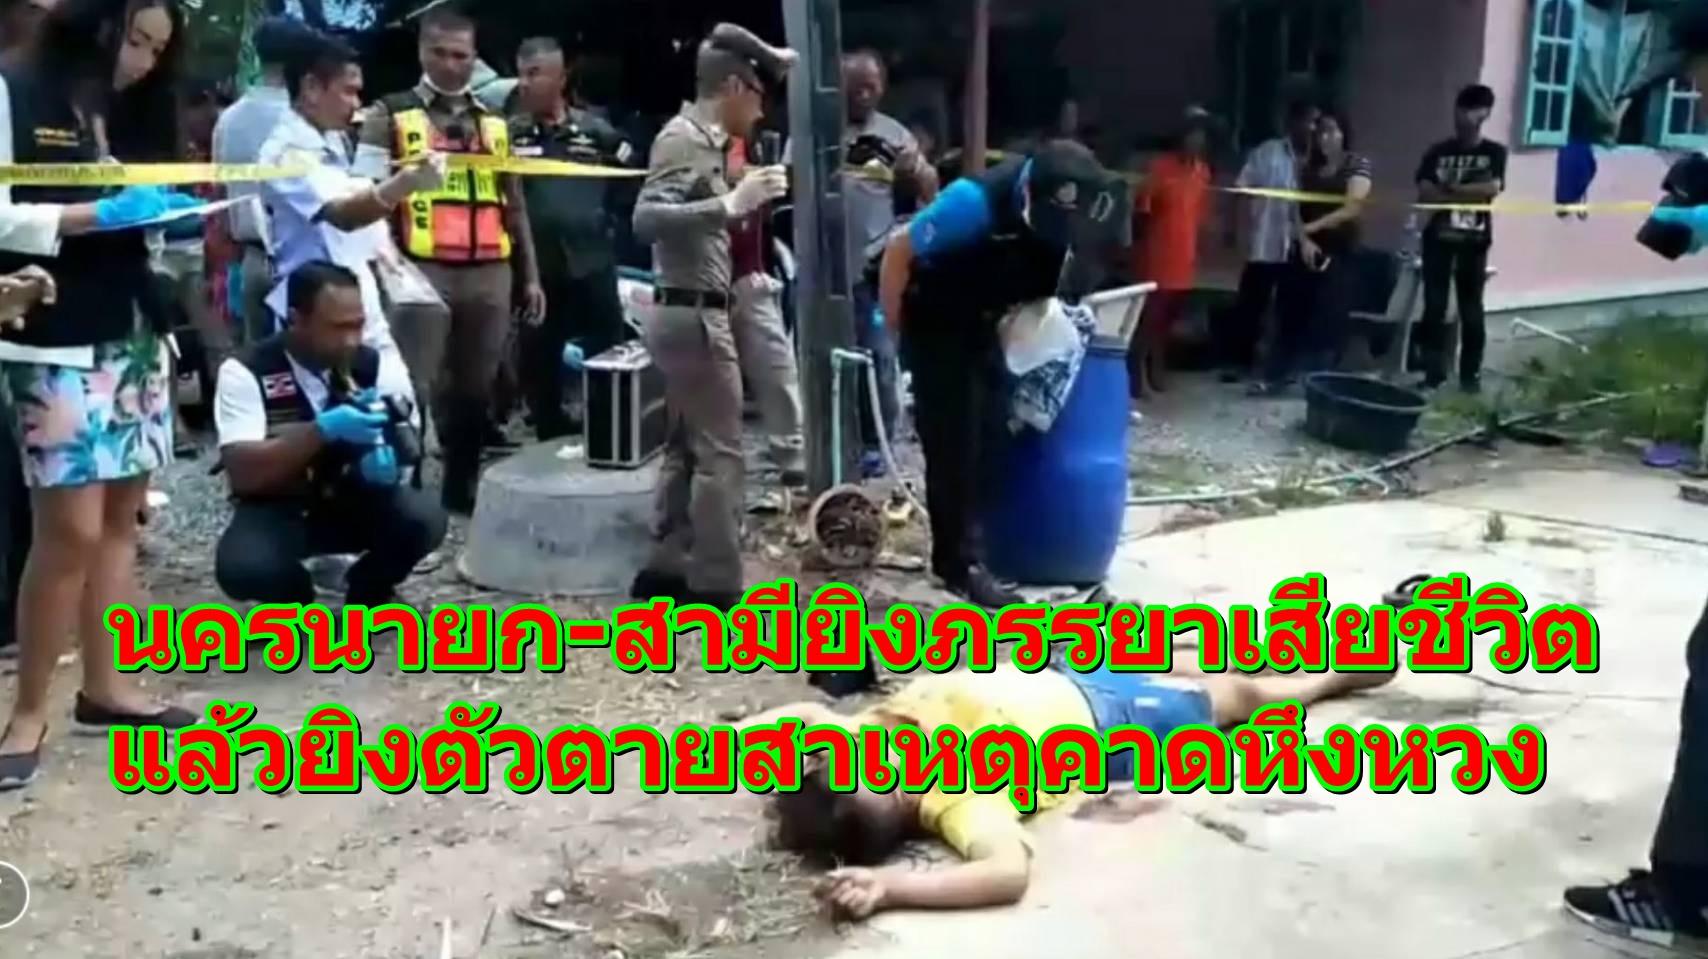 นครนายก-สามียิงภรรยาเสียชีวิต แล้วยิงตัวตายสาเหตุคาดหึงหวง